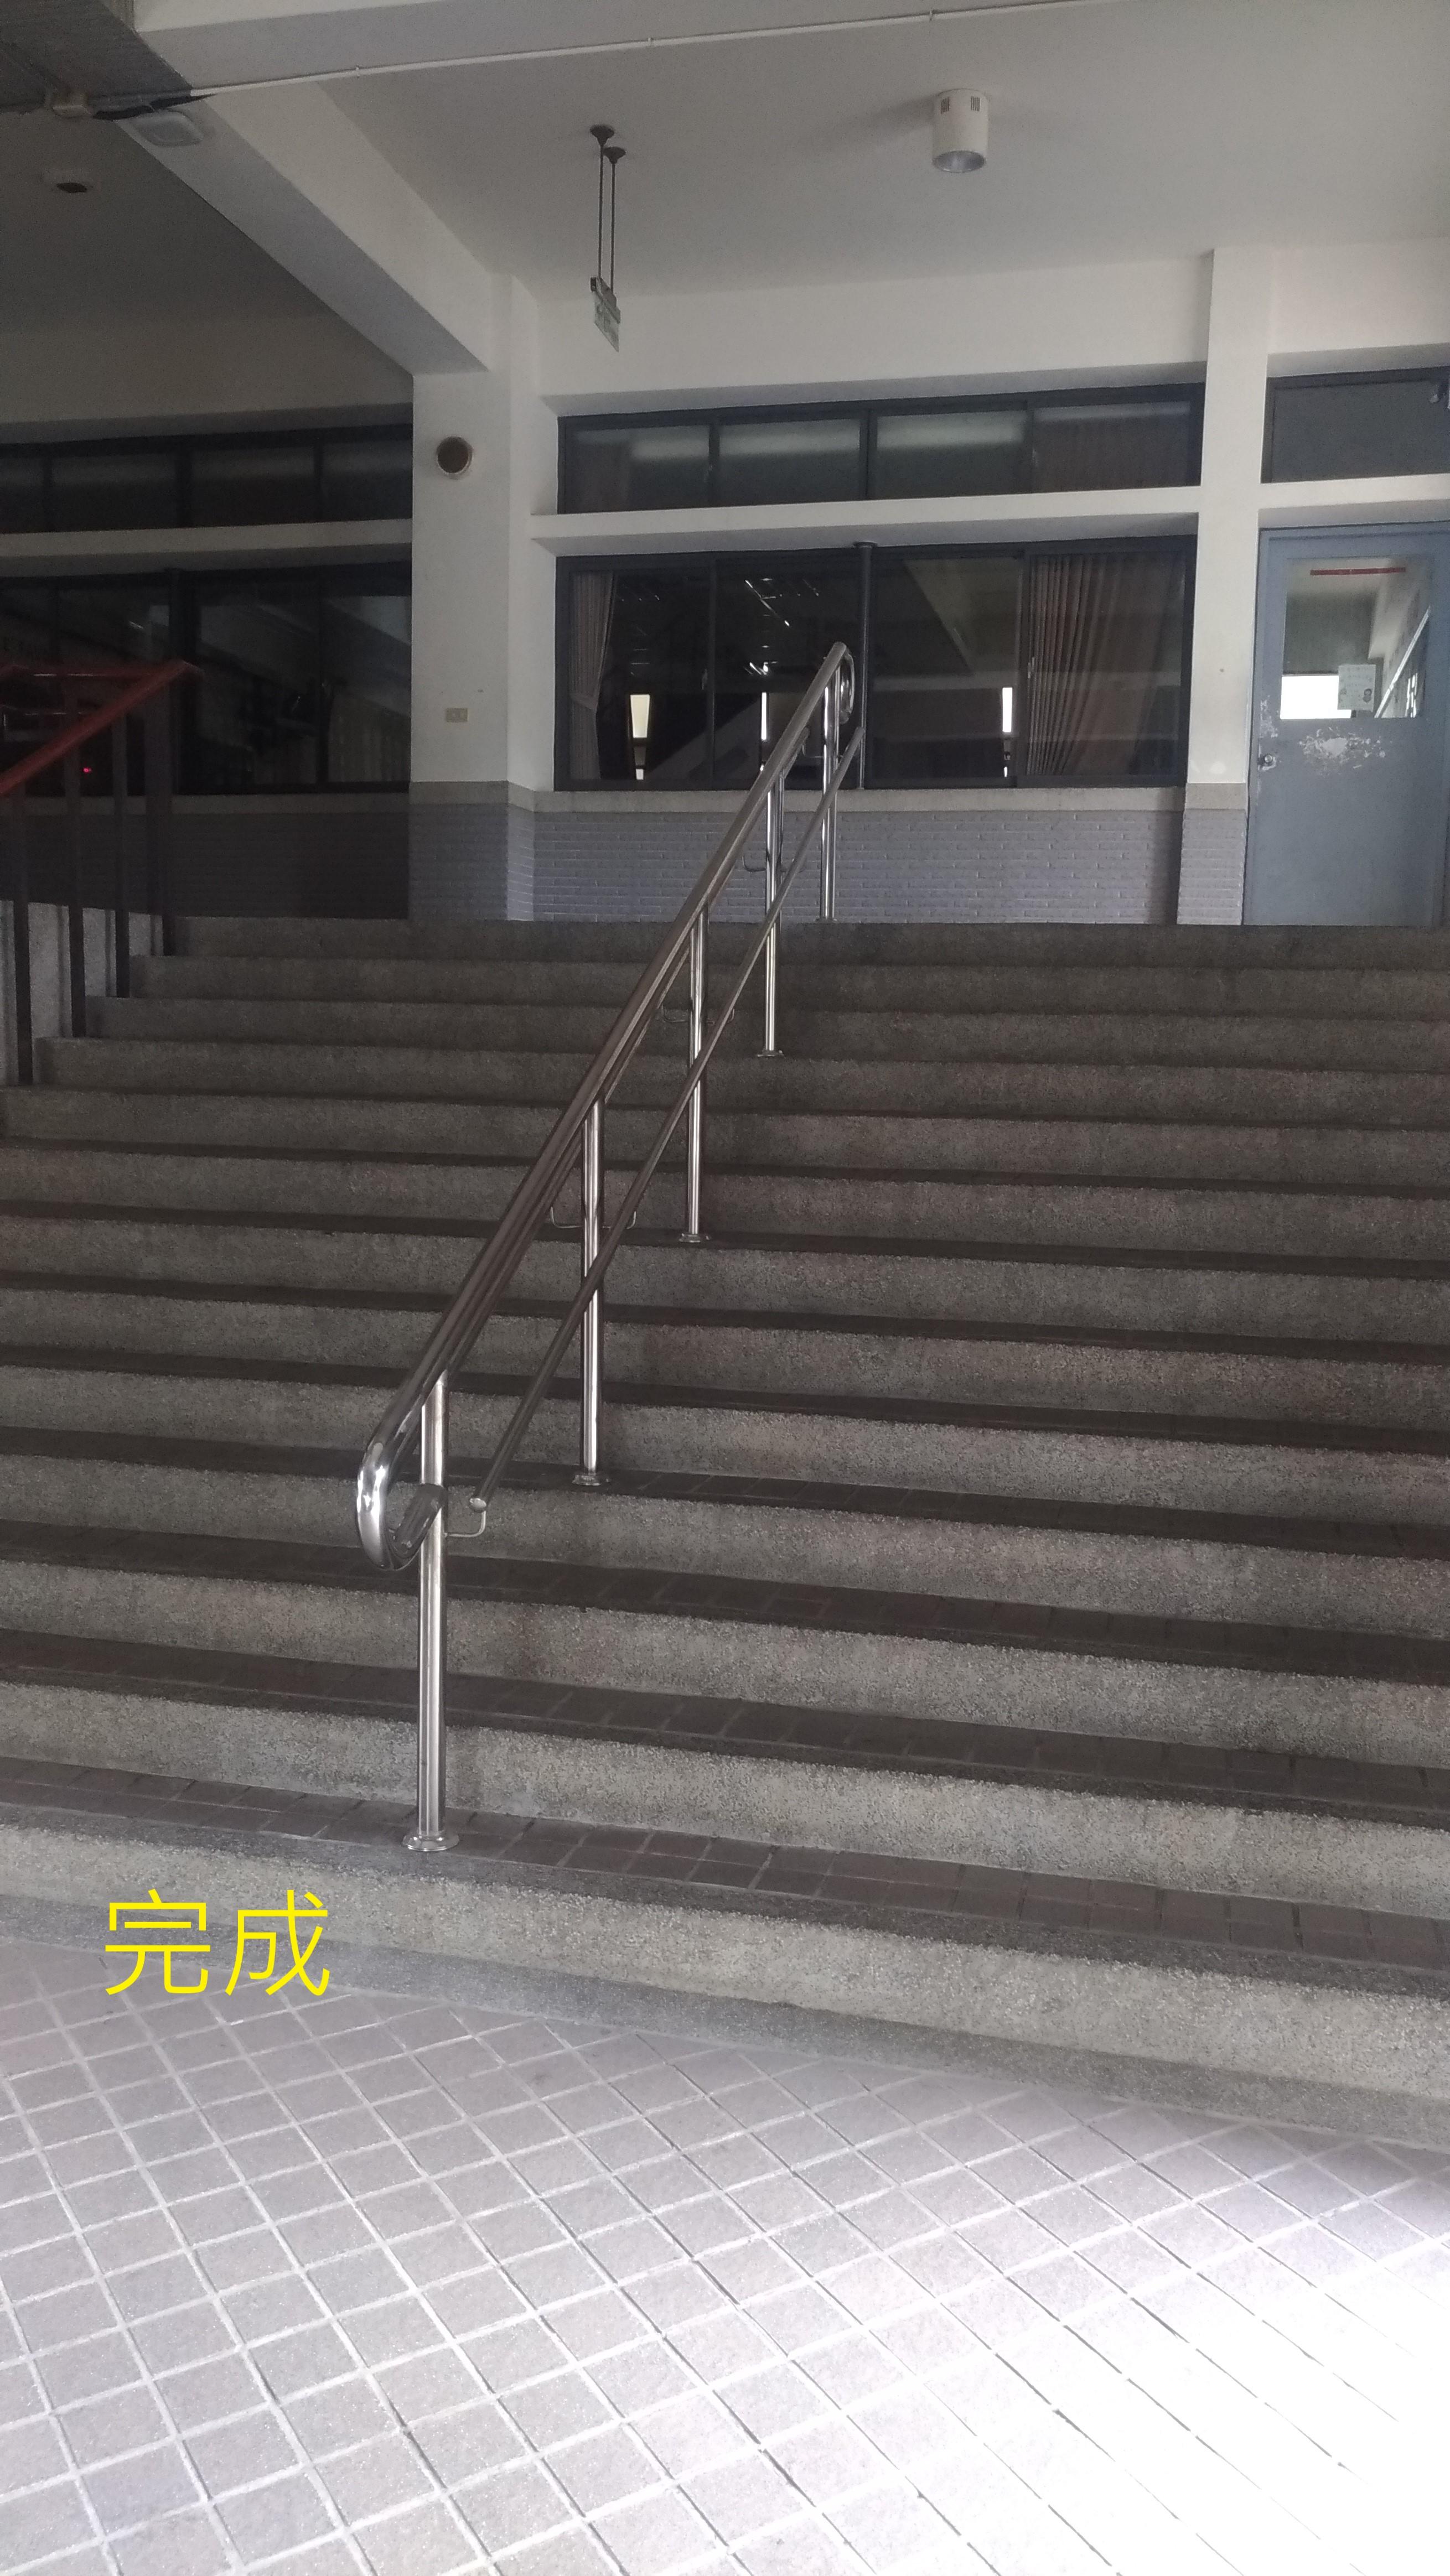 校園安全設施-二期甲梯樓梯增設扶手